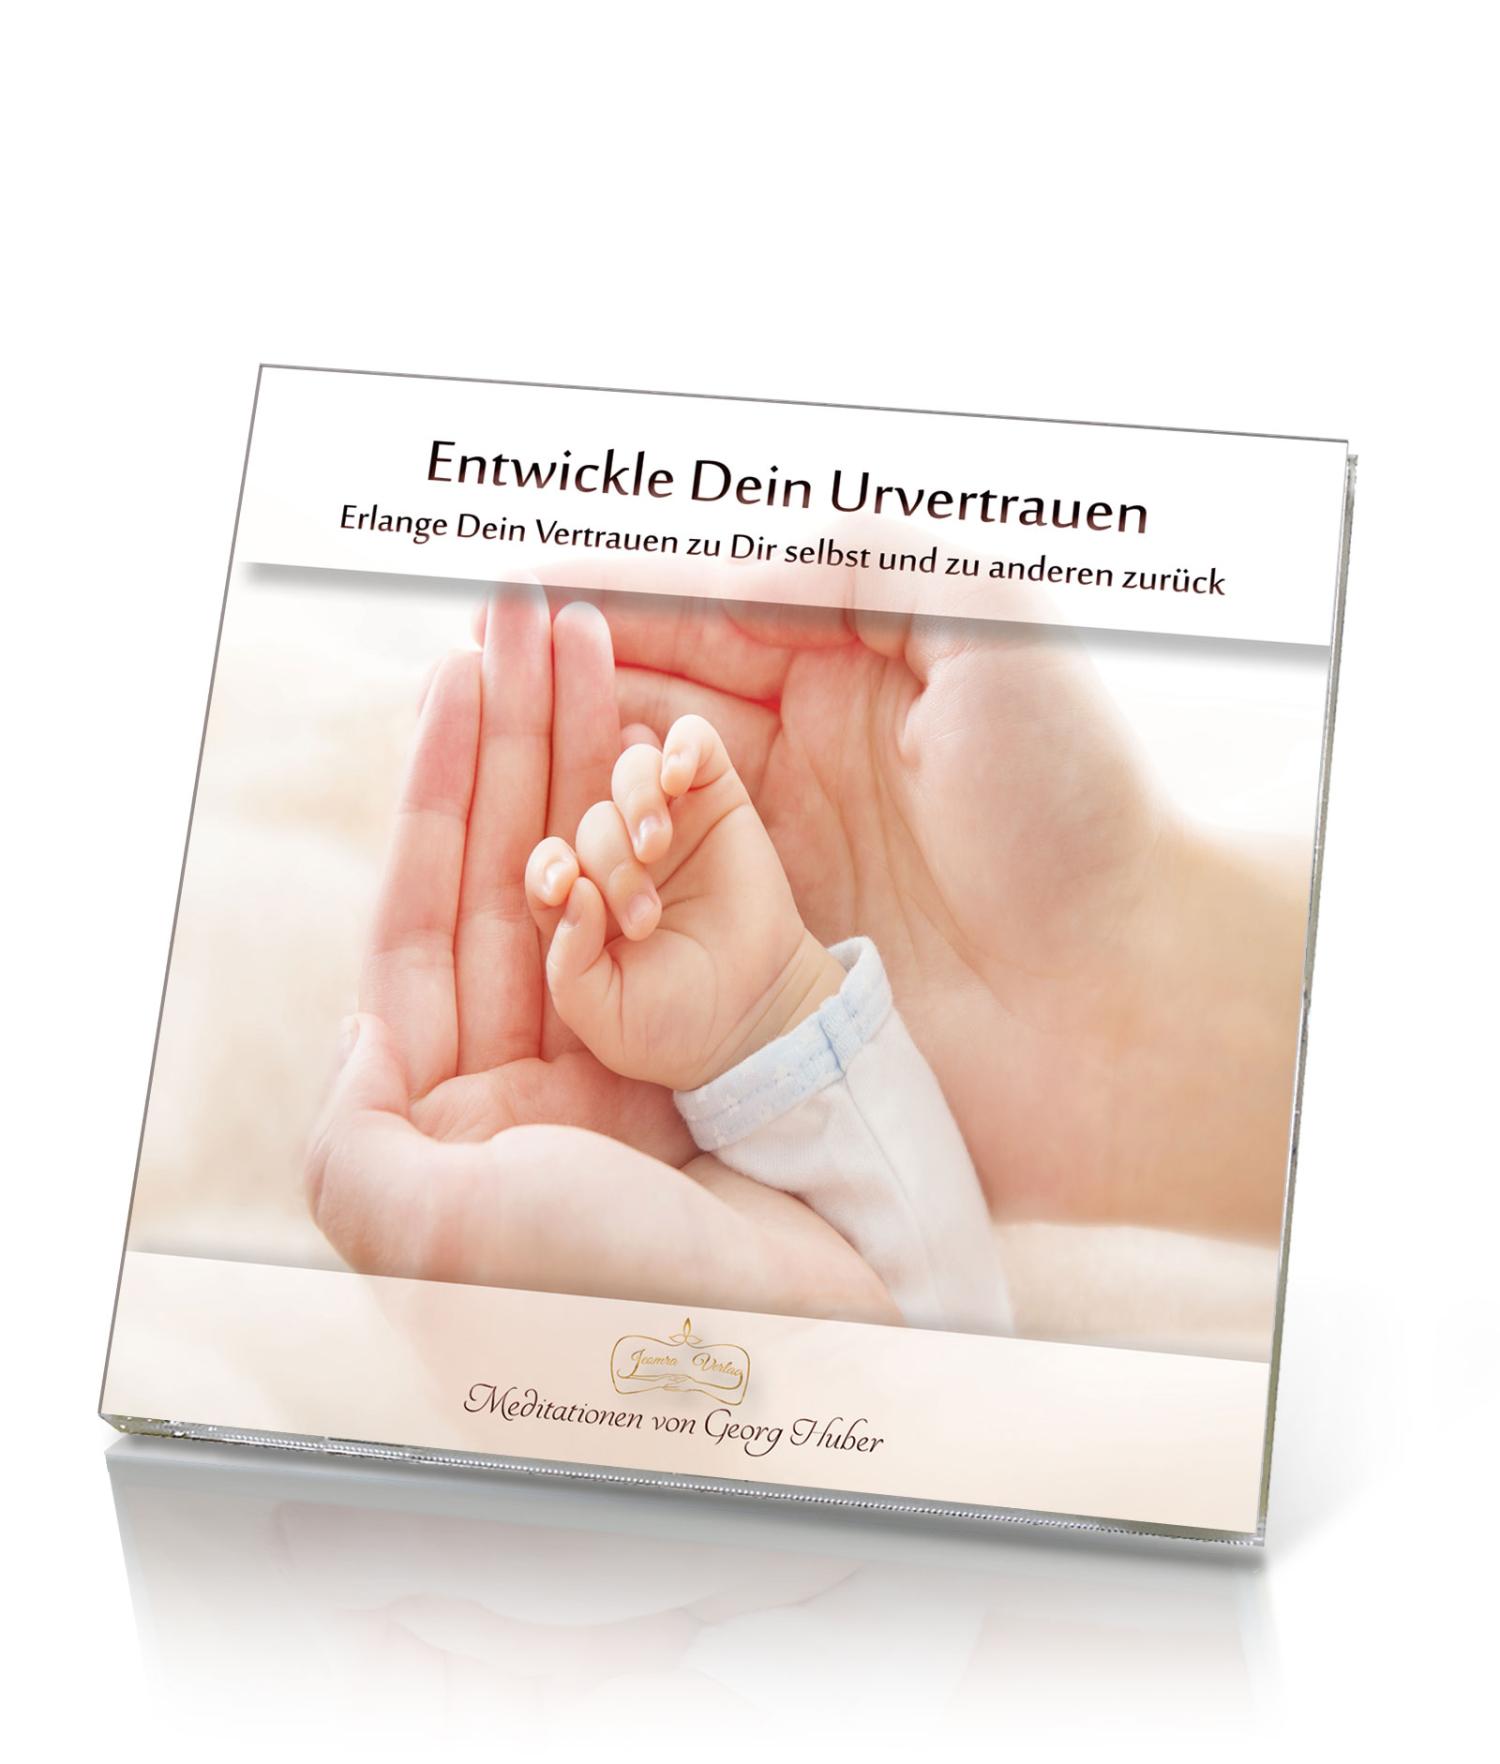 Entwickle Dein Urvertrauen (CD), Produktbild 1